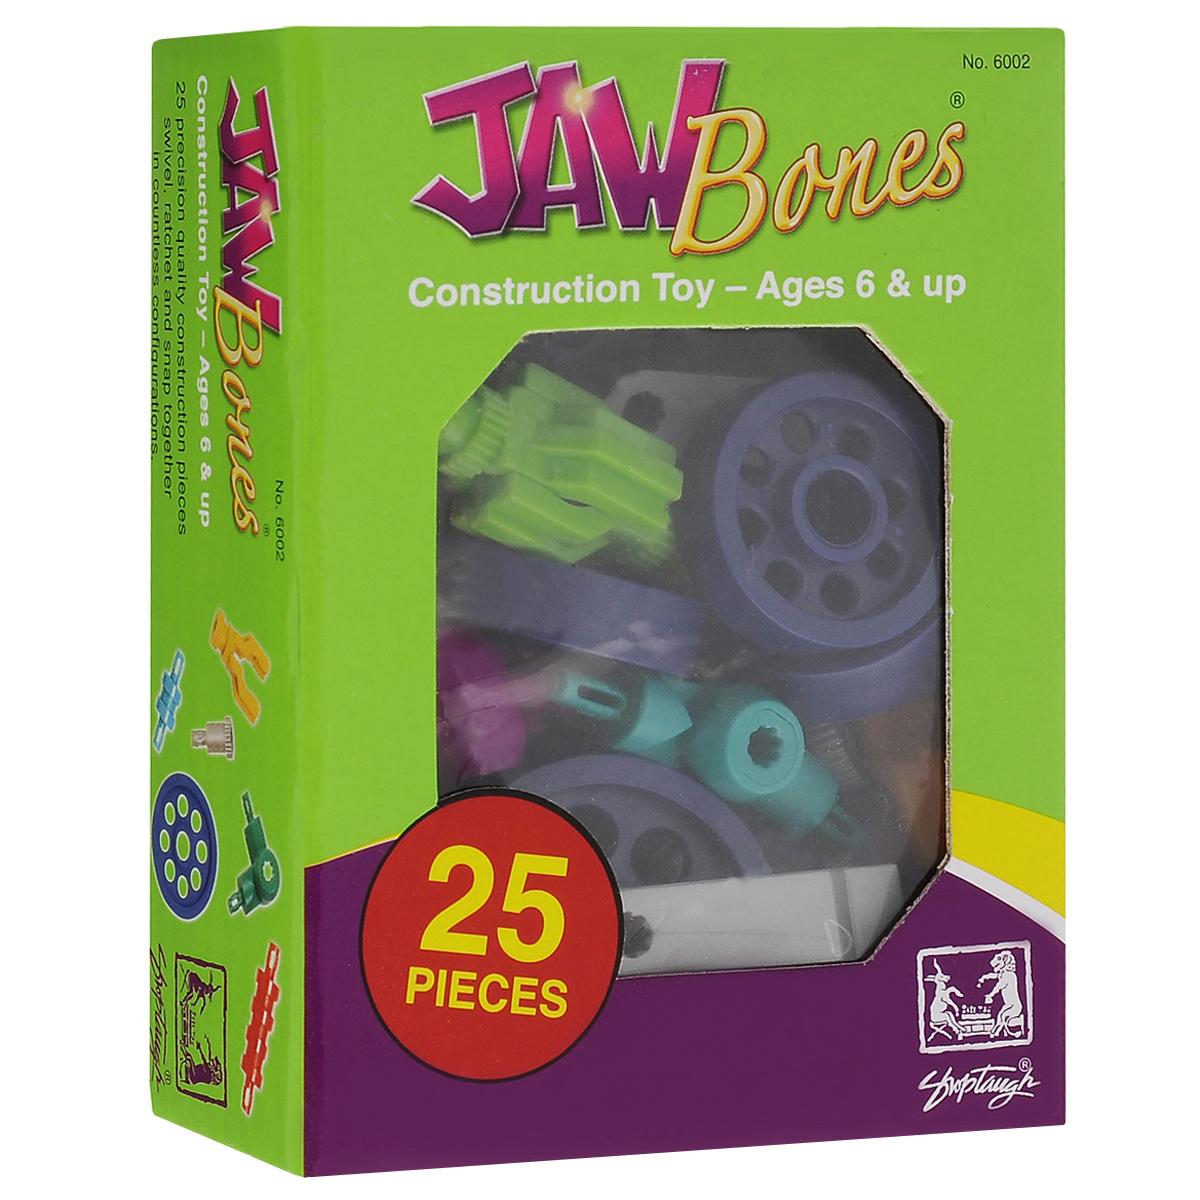 Jawbones Конструктор Автомобили 60026002Новый развивающий конструктор Jawbones непременно понравится вашему ребенку! При помощи красочных деталей, с уникальным креплением, можно собрать автомобили в оригинальном и неповторимом стиле. Конструктор состоит из 13 элементов разного размера, цвета и назначения. Ваш ребенок с удовольствием будет играть с конструктором, придумывая различные истории.